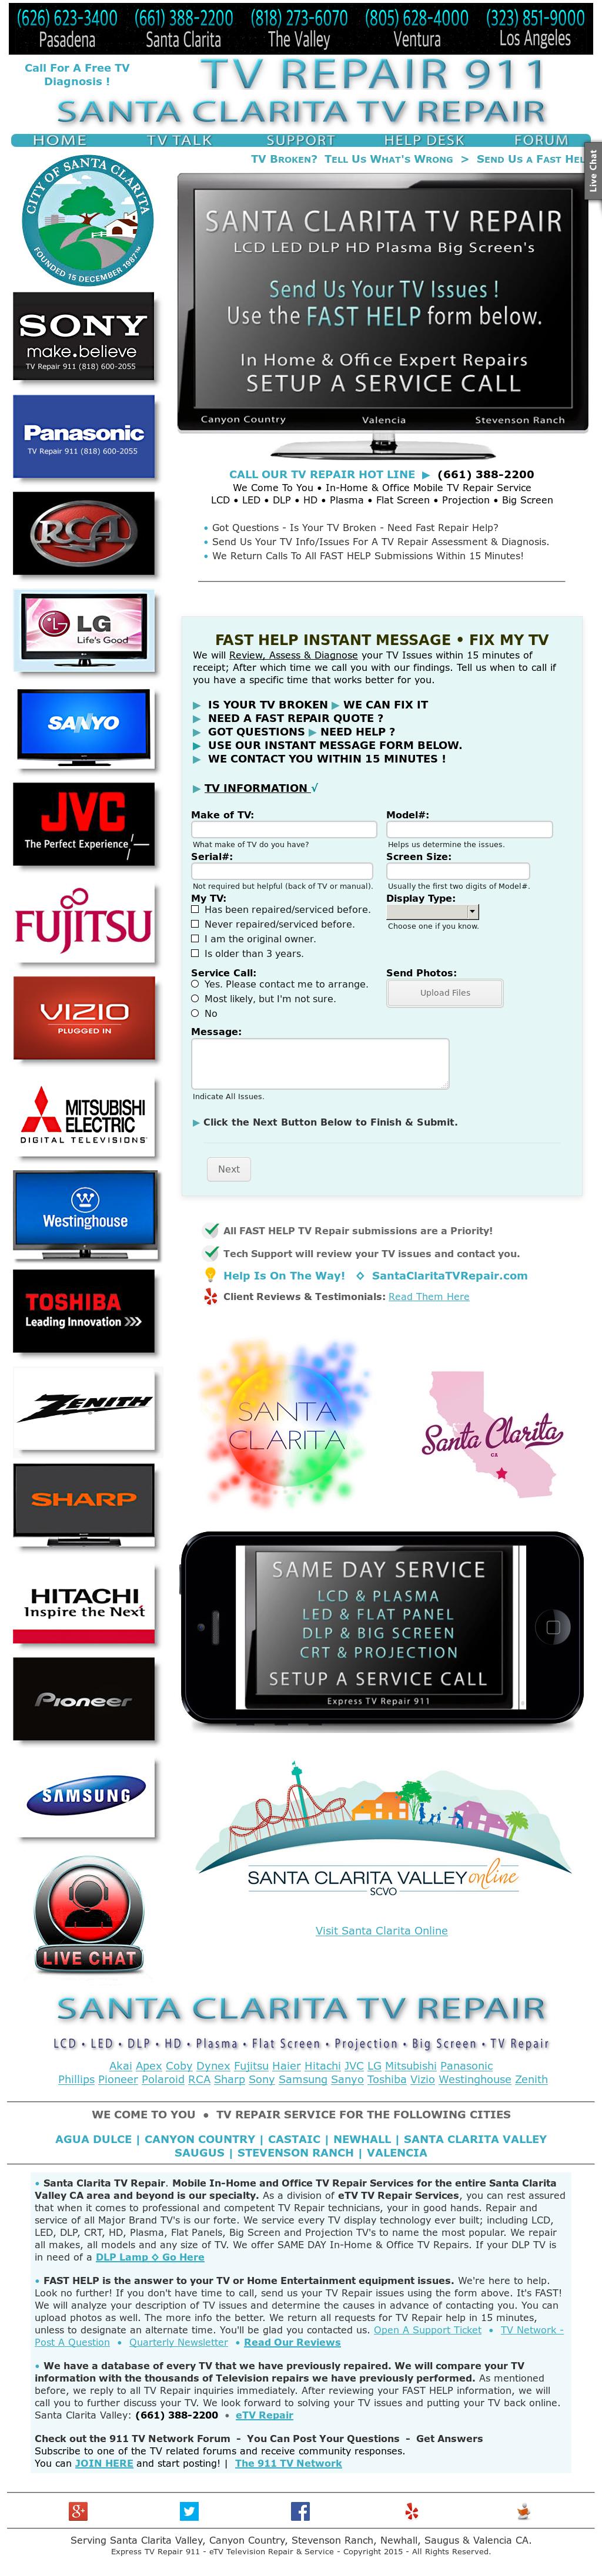 Santaclaritatvrepair Competitors, Revenue and Employees